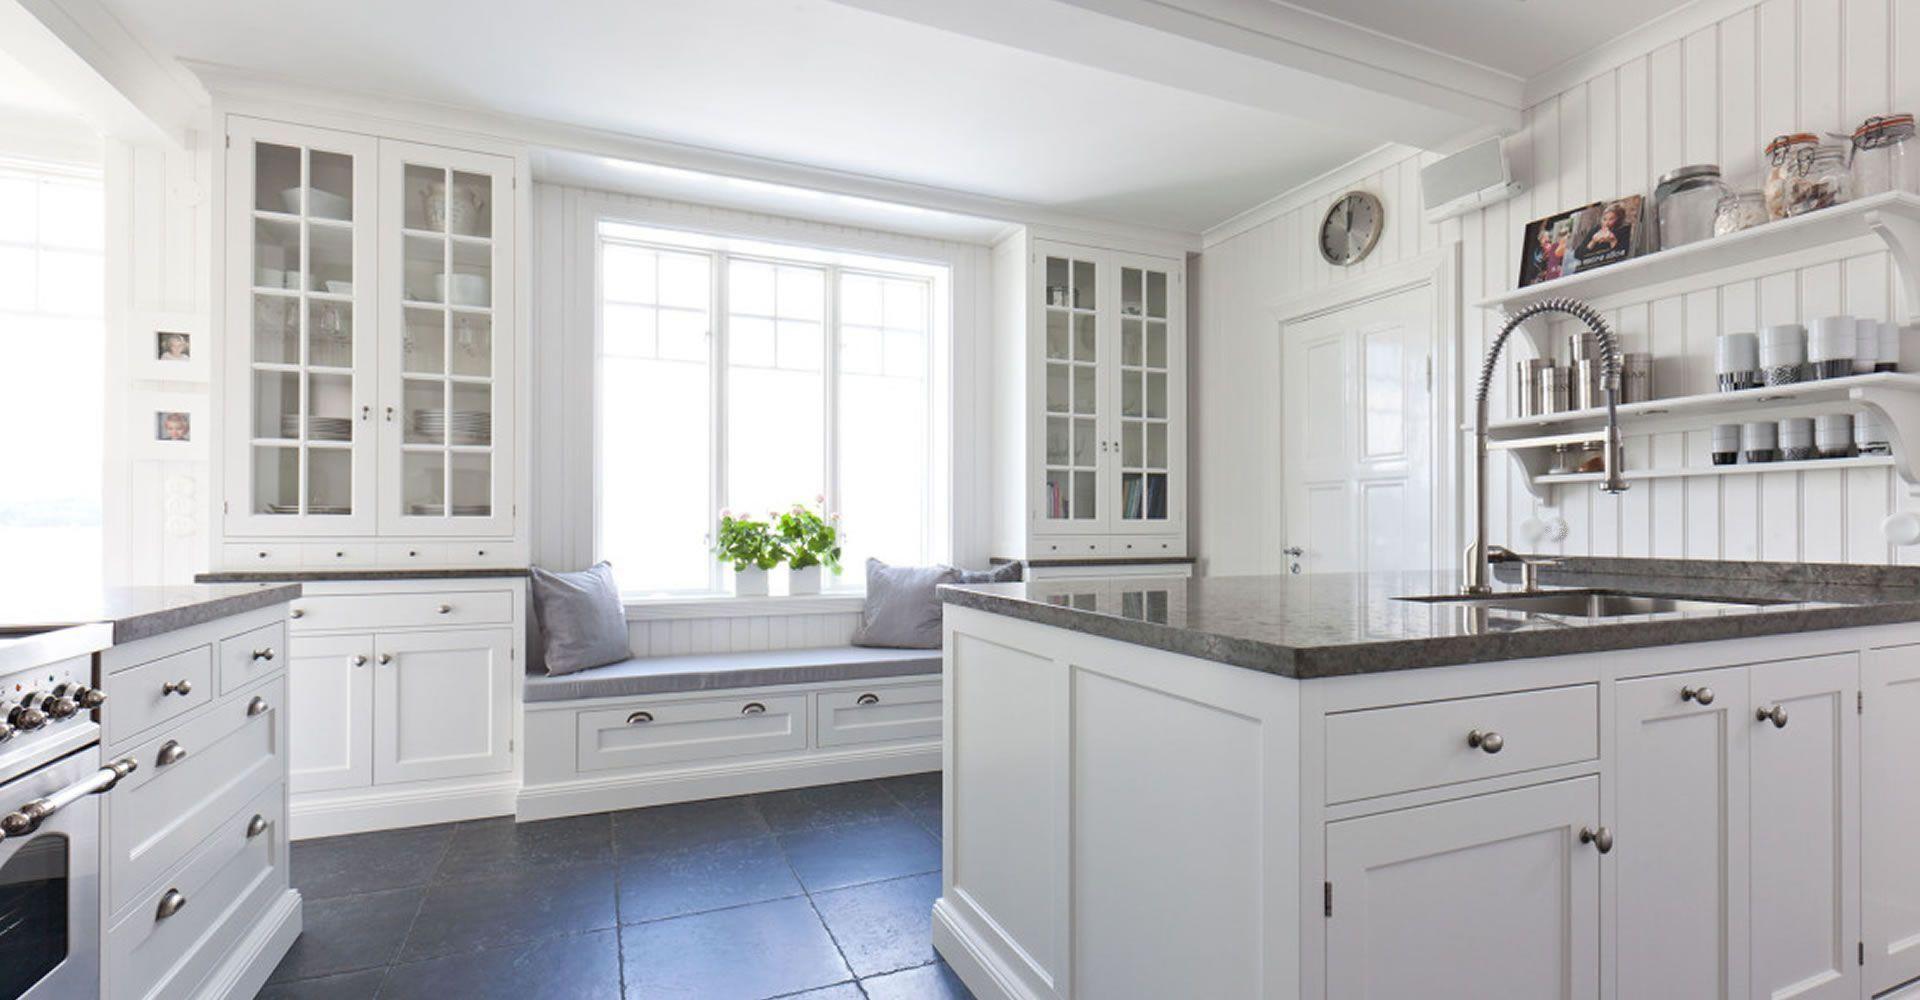 Wellington Kitchens |Wardrobes| Doors| Vanities|Cabinets